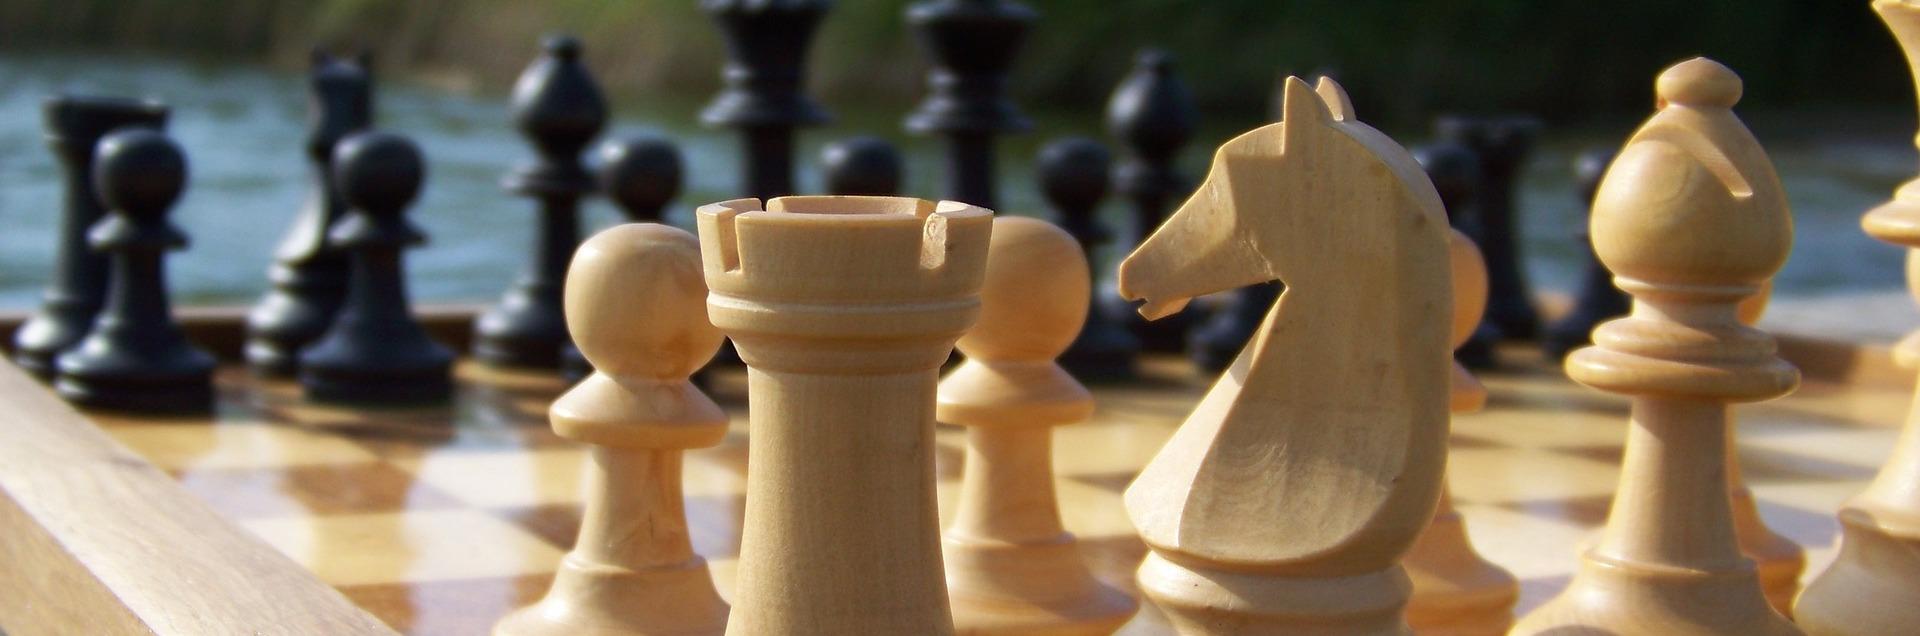 Chess 2296369 1920